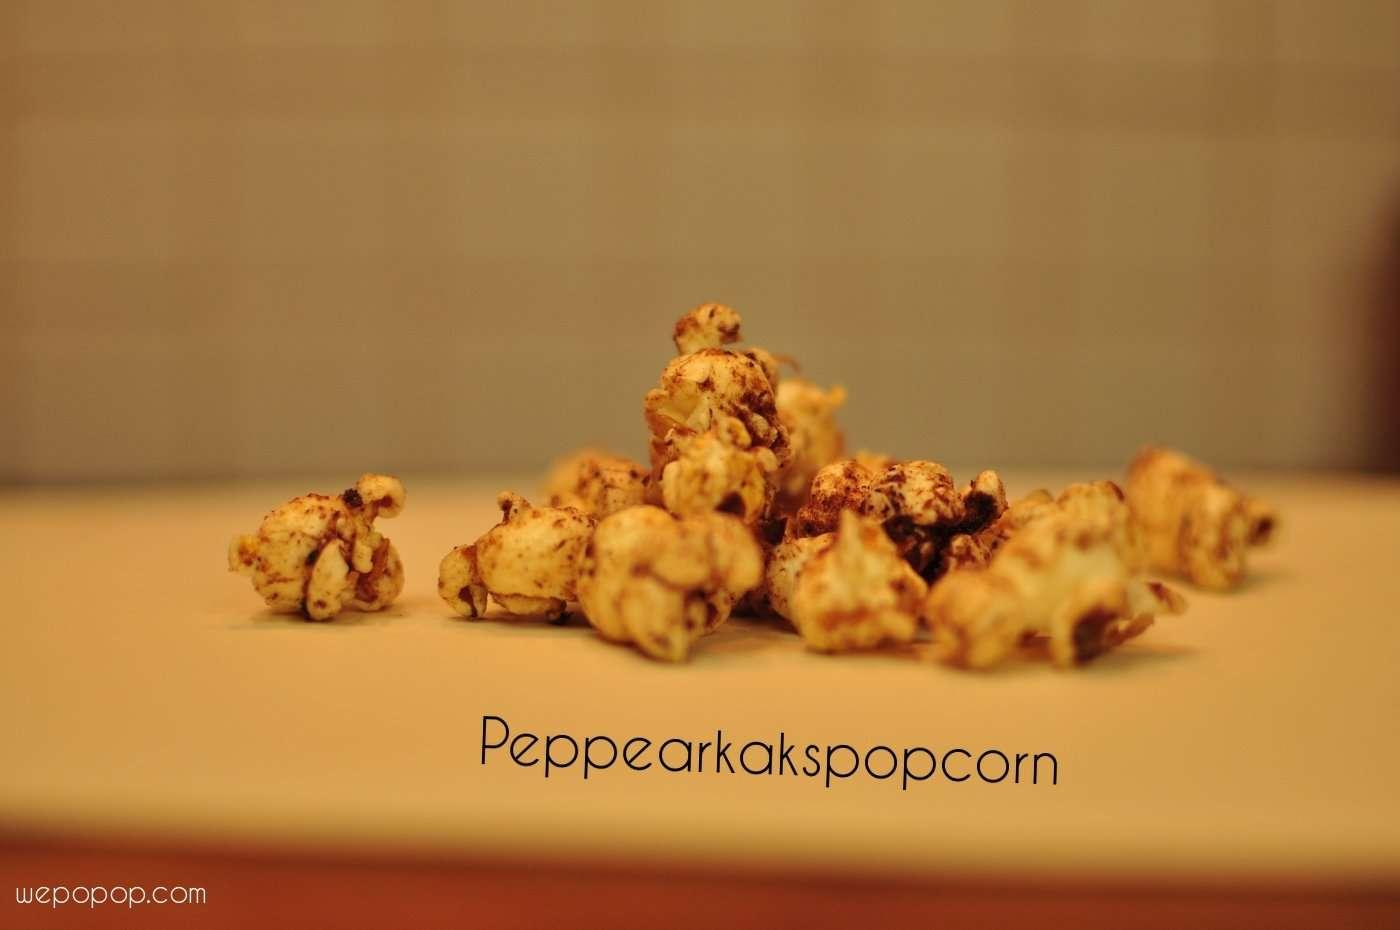 Recept på pepparkakspopcorn